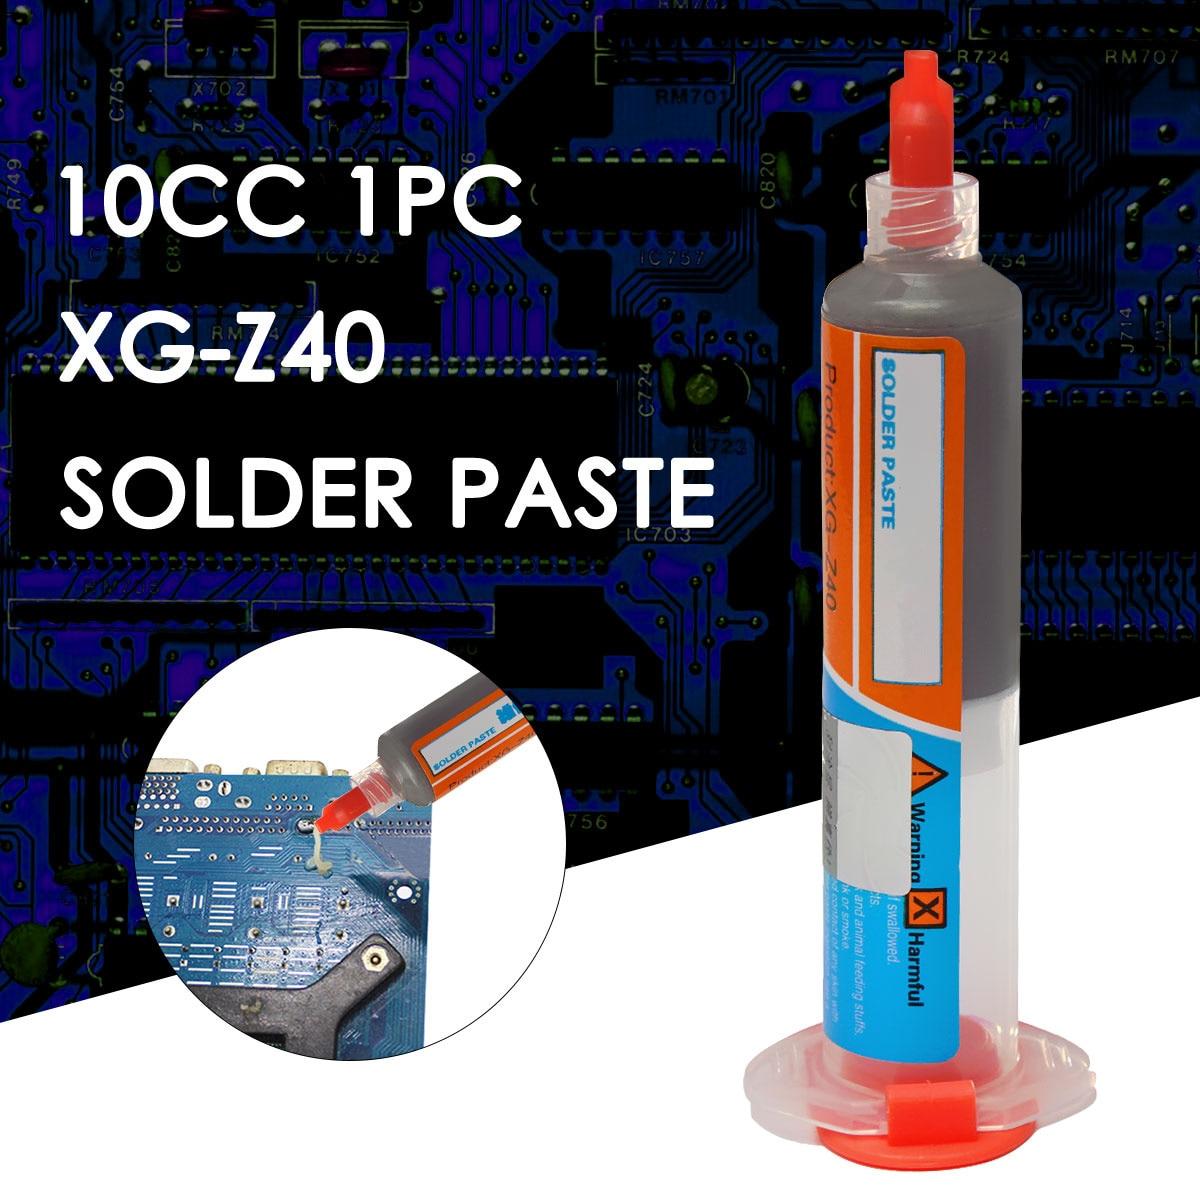 GUTE 1 stück 10cc Nadel Geformt Xg-z40 Solder Paste Flux Sn63/Pb37 25-45um Spritze zu Handy Reparatur Computer dienstleistungen Industrie